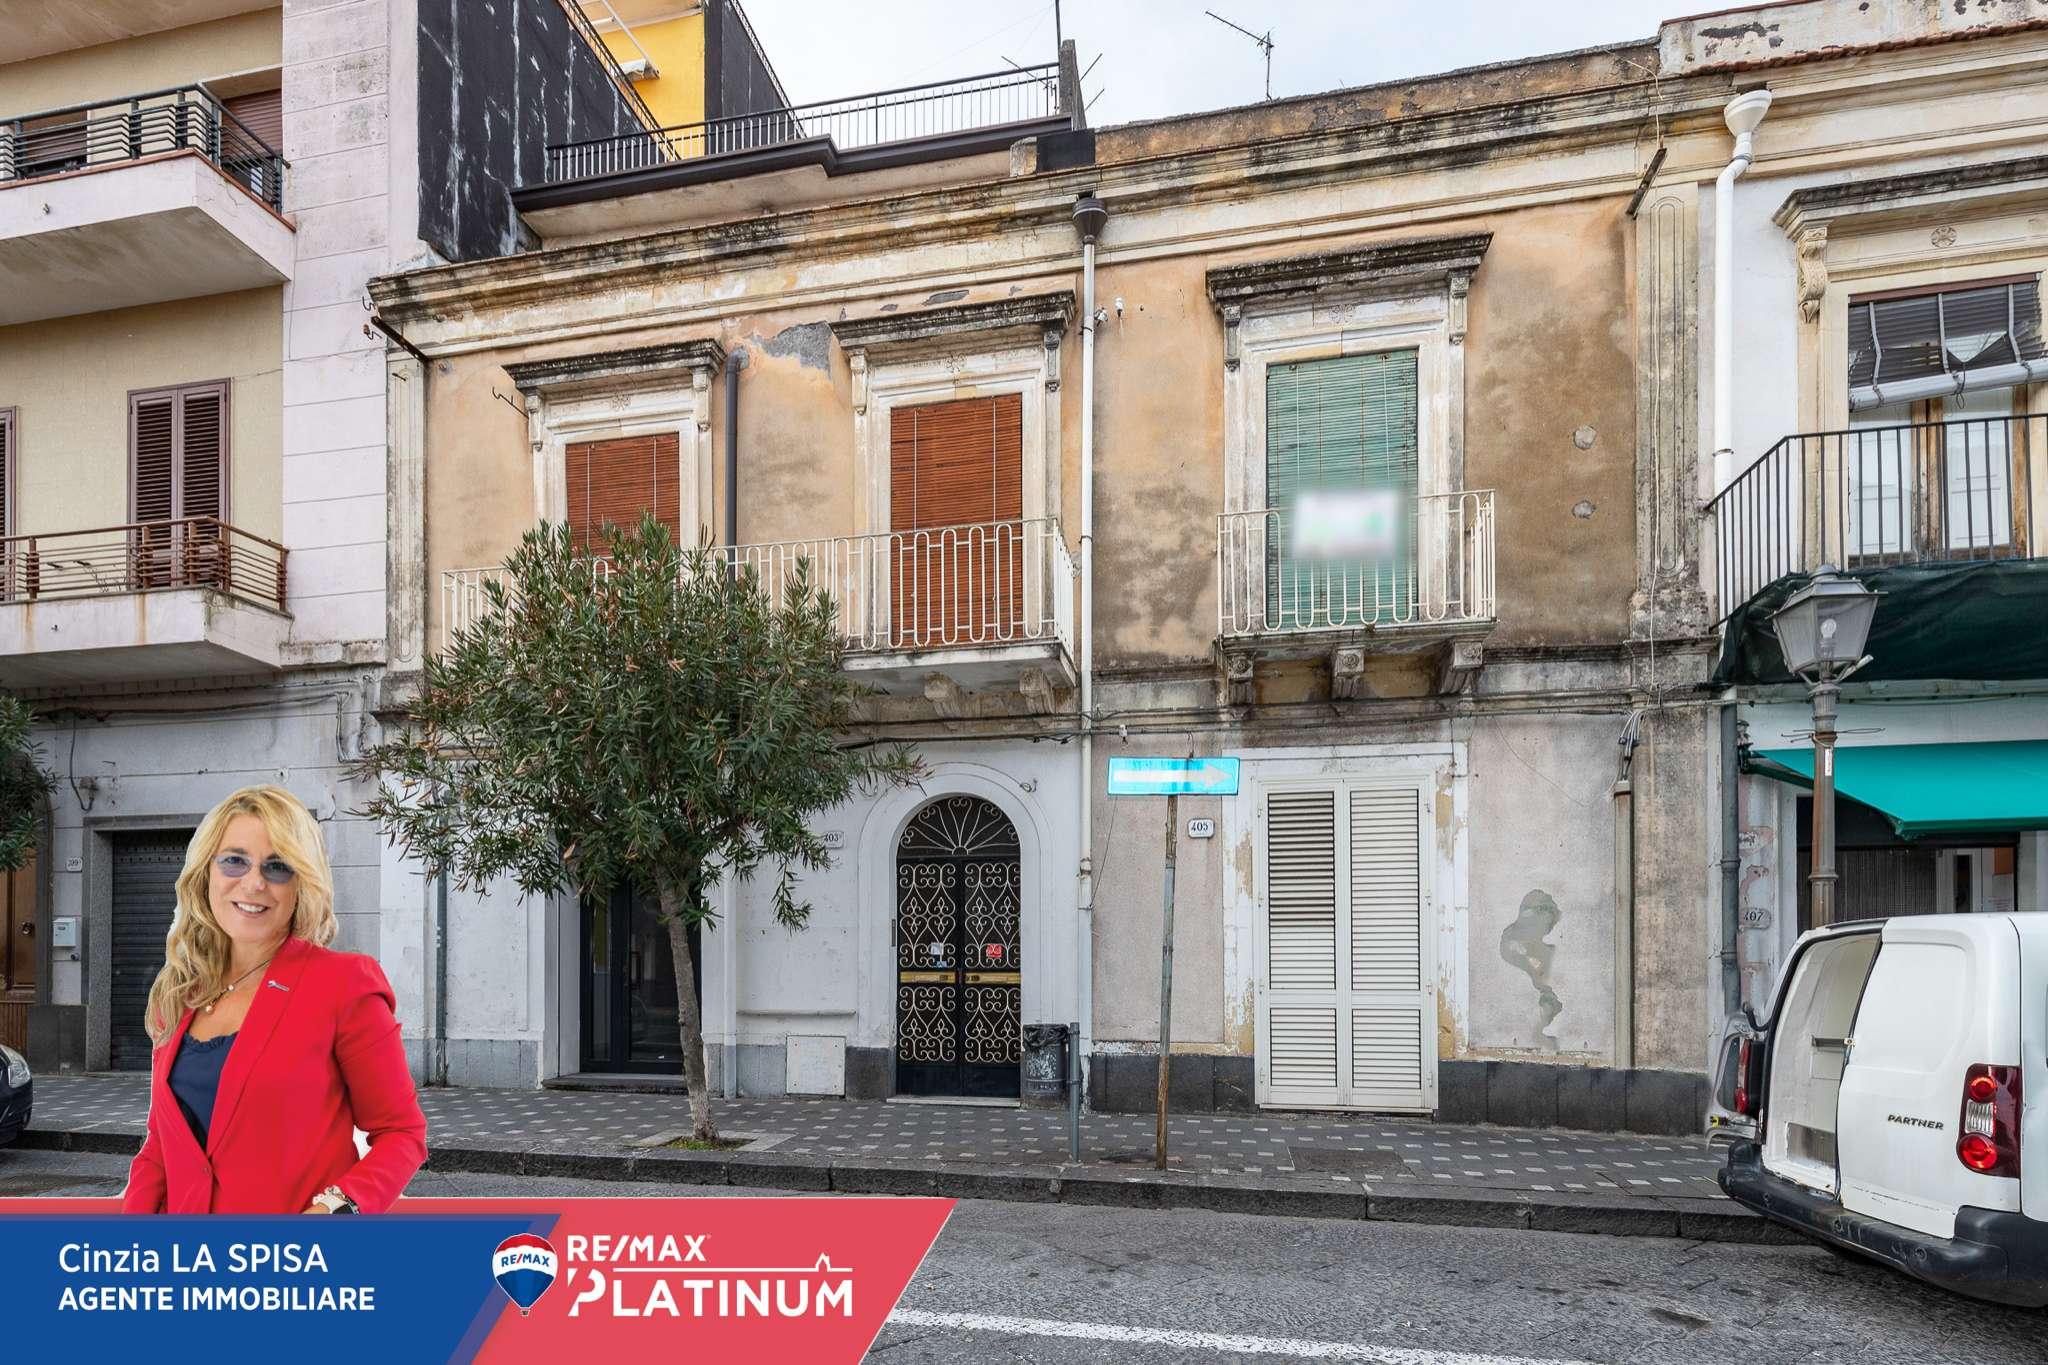 Appartamento in vendita a Zafferana Etnea, 4 locali, prezzo € 80.000 | PortaleAgenzieImmobiliari.it